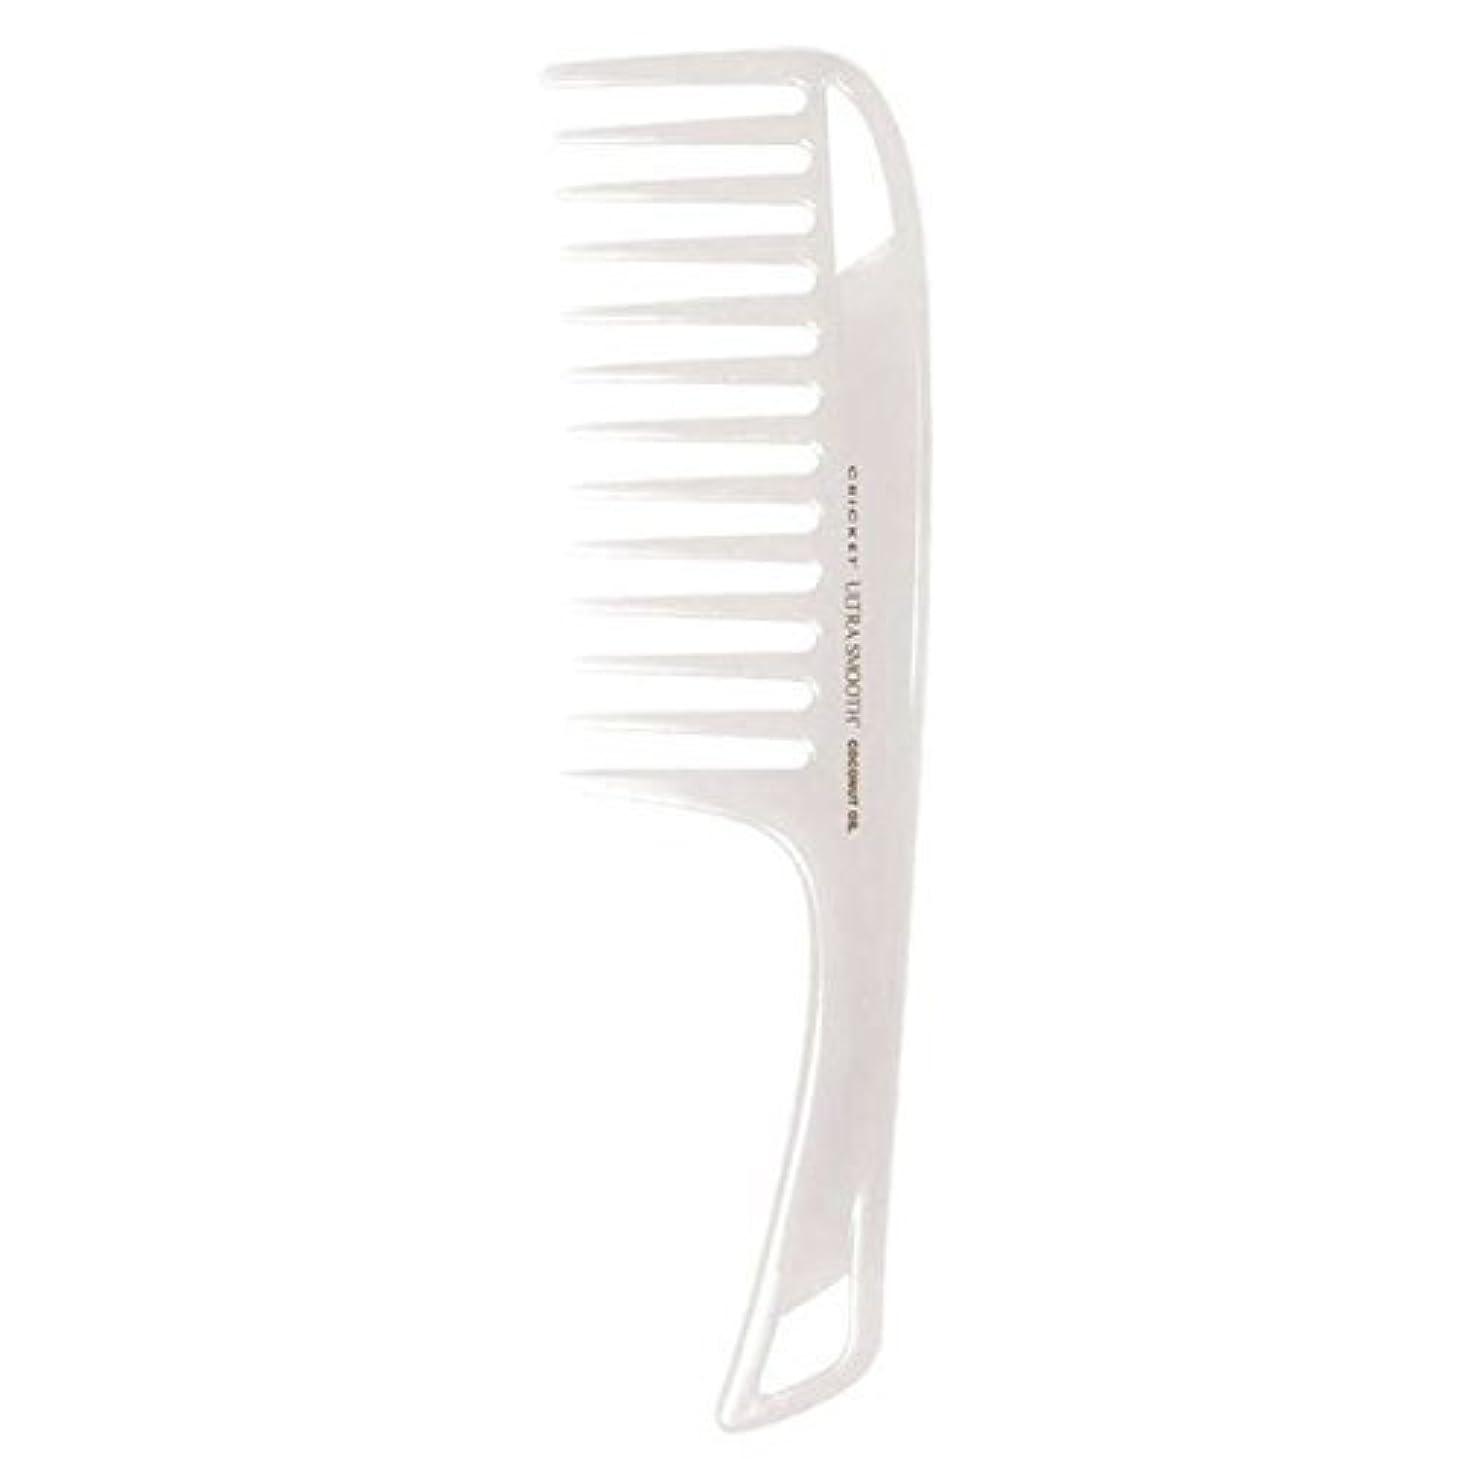 ジャベスウィルソンモード変成器Cricket Ultra Smooth Coconut Detangler Comb [並行輸入品]